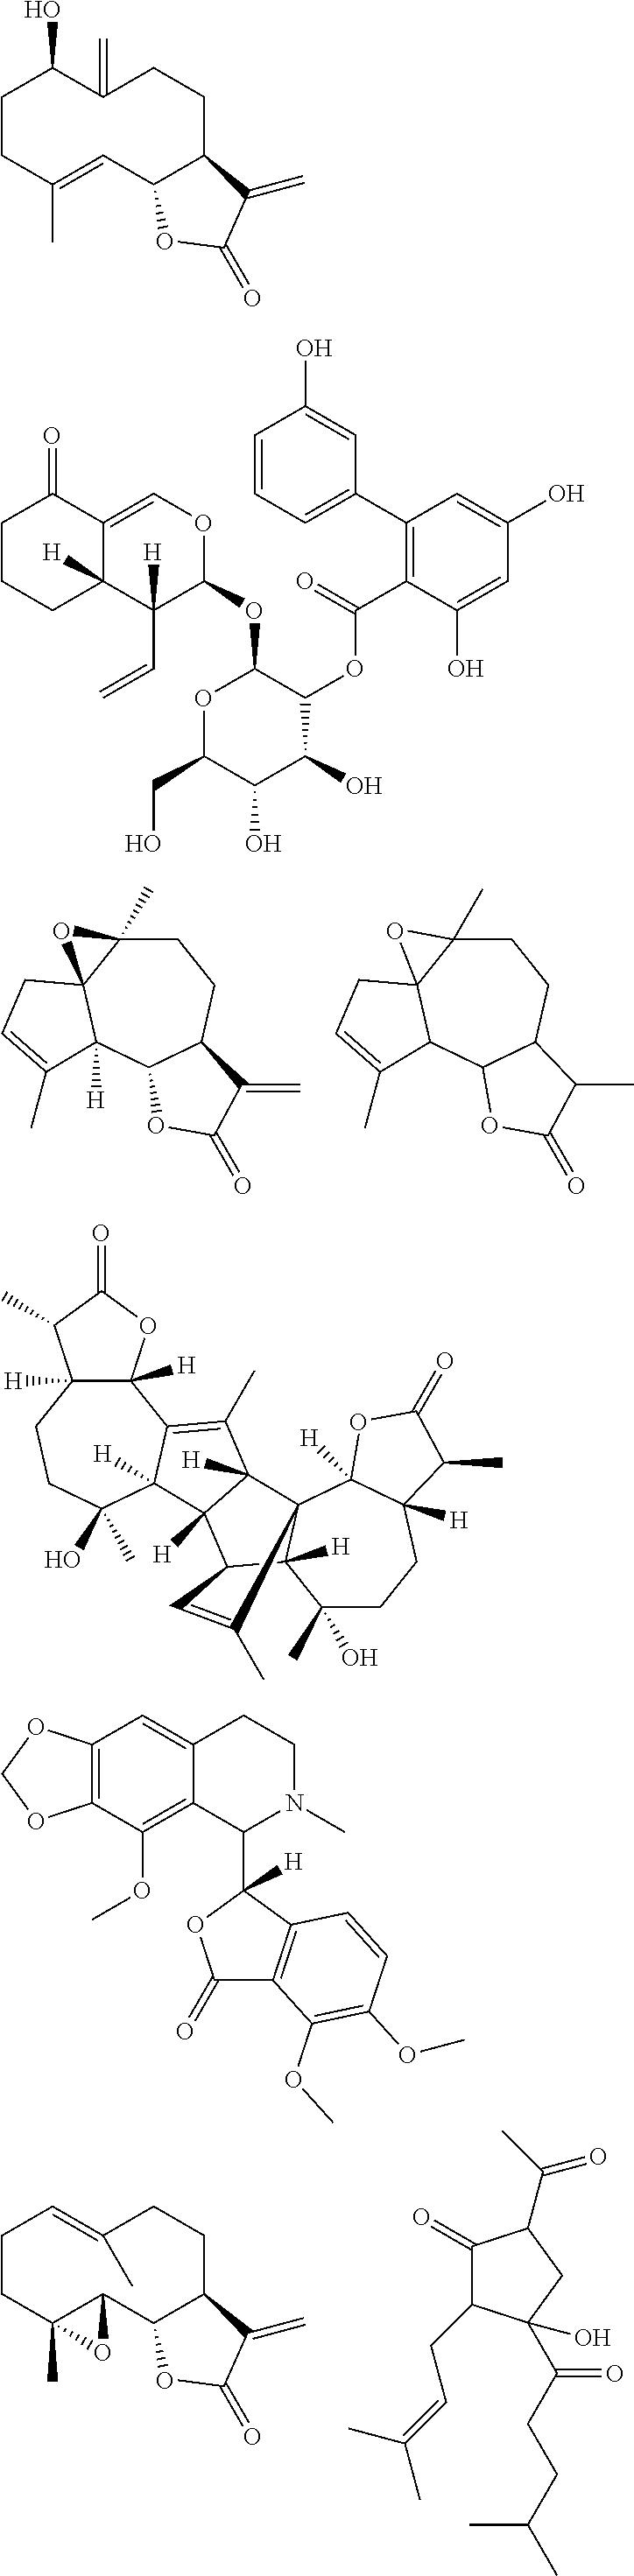 Figure US09962344-20180508-C00001